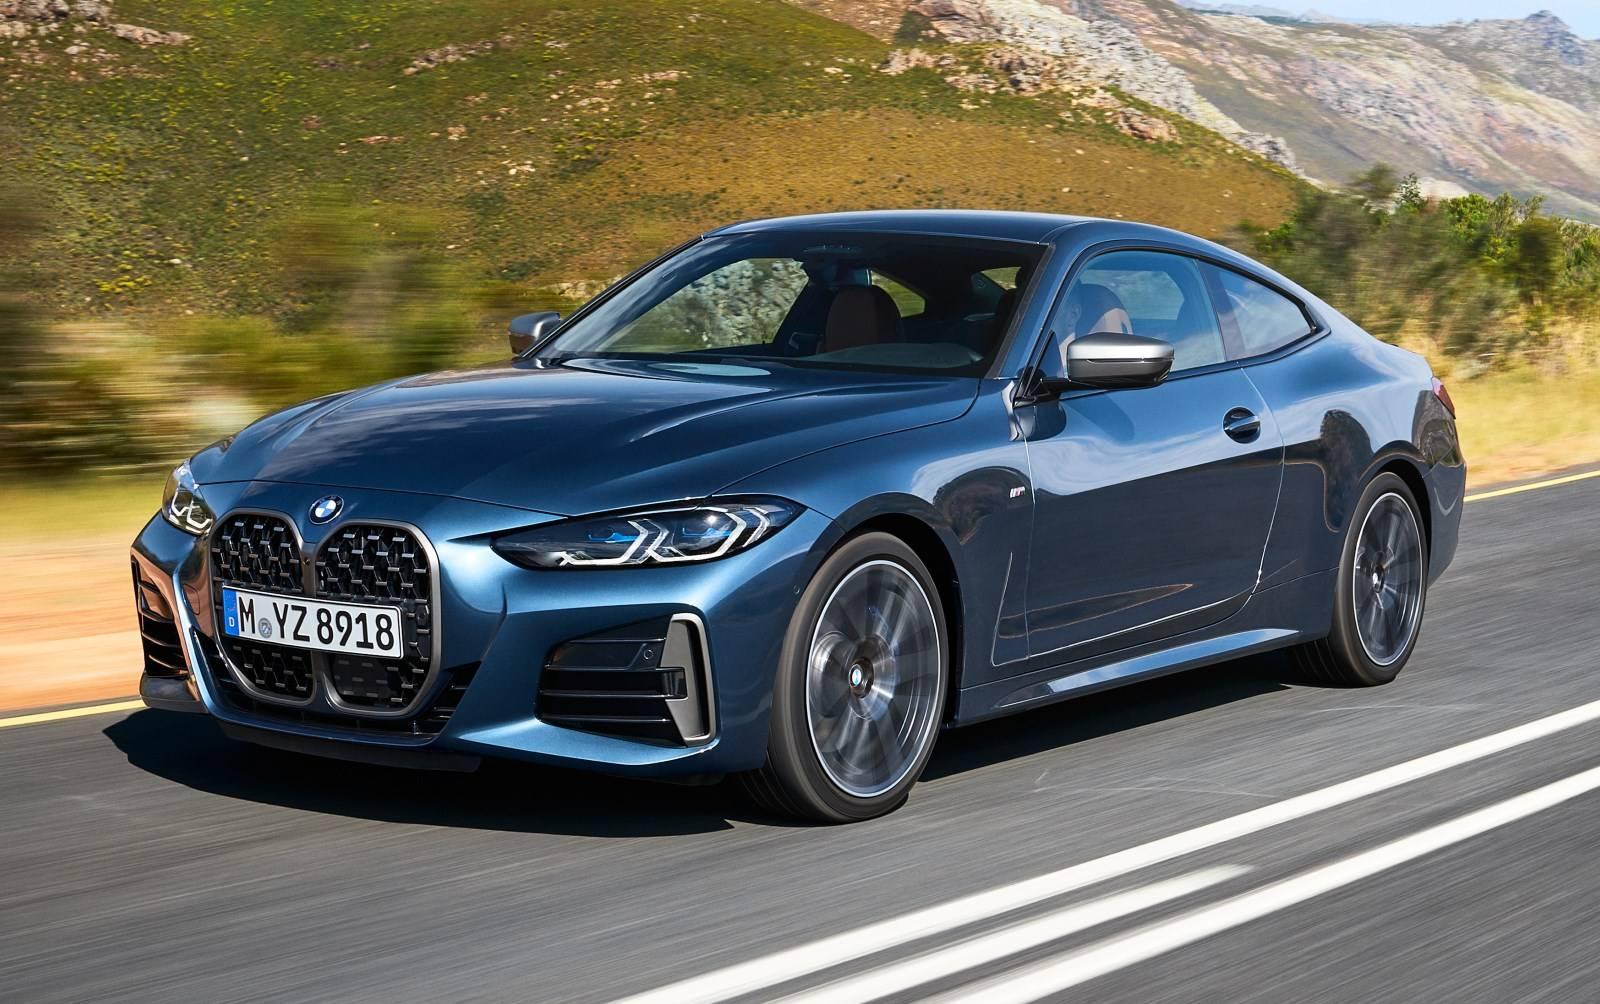 BMW 4 Series Coupe G22 - кардинально новый дизайн 4